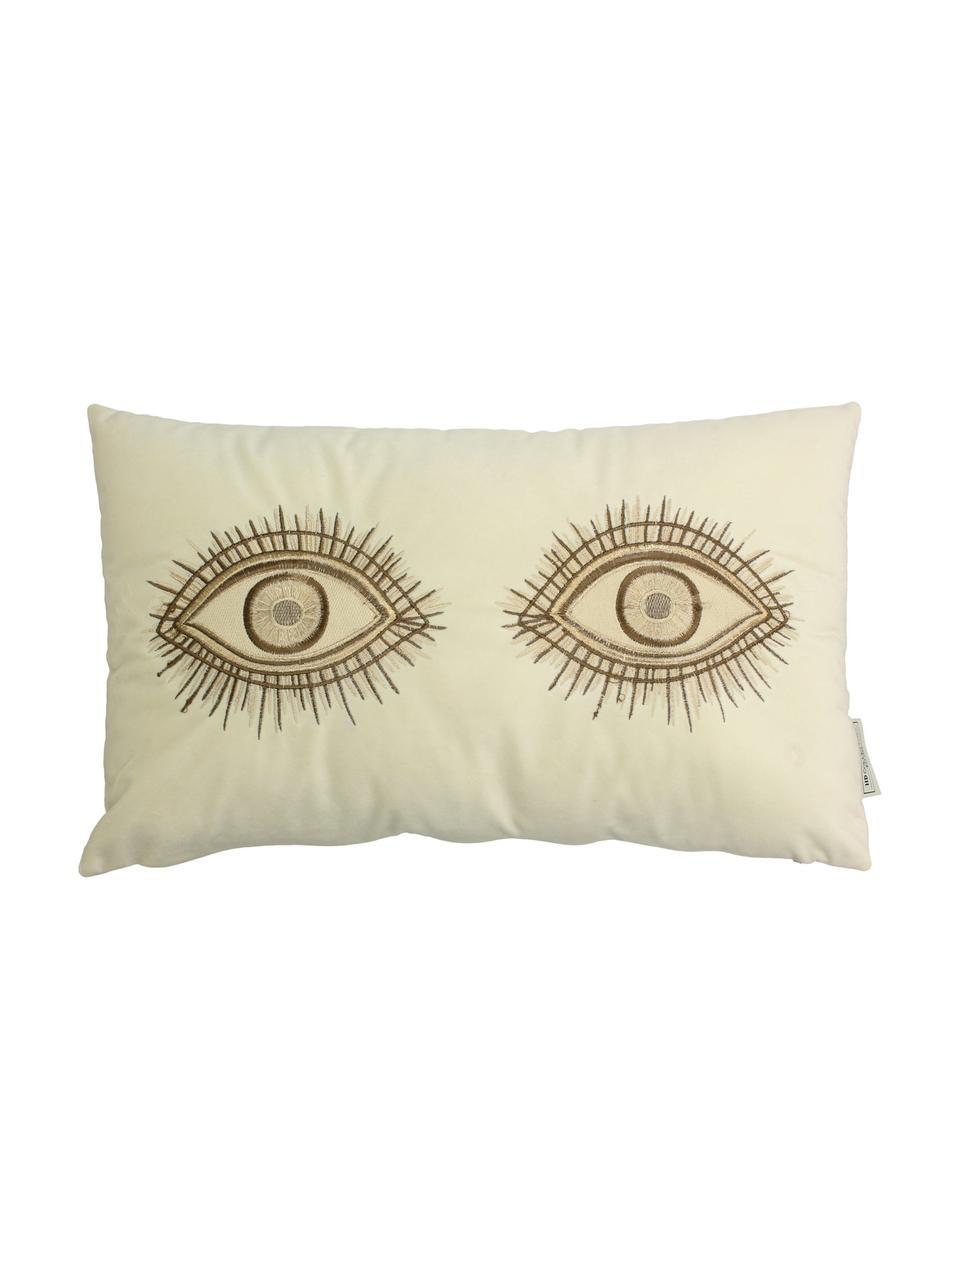 Haftowana poduszka z aksamitu z wypełnieniem Eyes, 100% aksamit, Kość słoniowa, brązowy, S 30 x D 50 cm